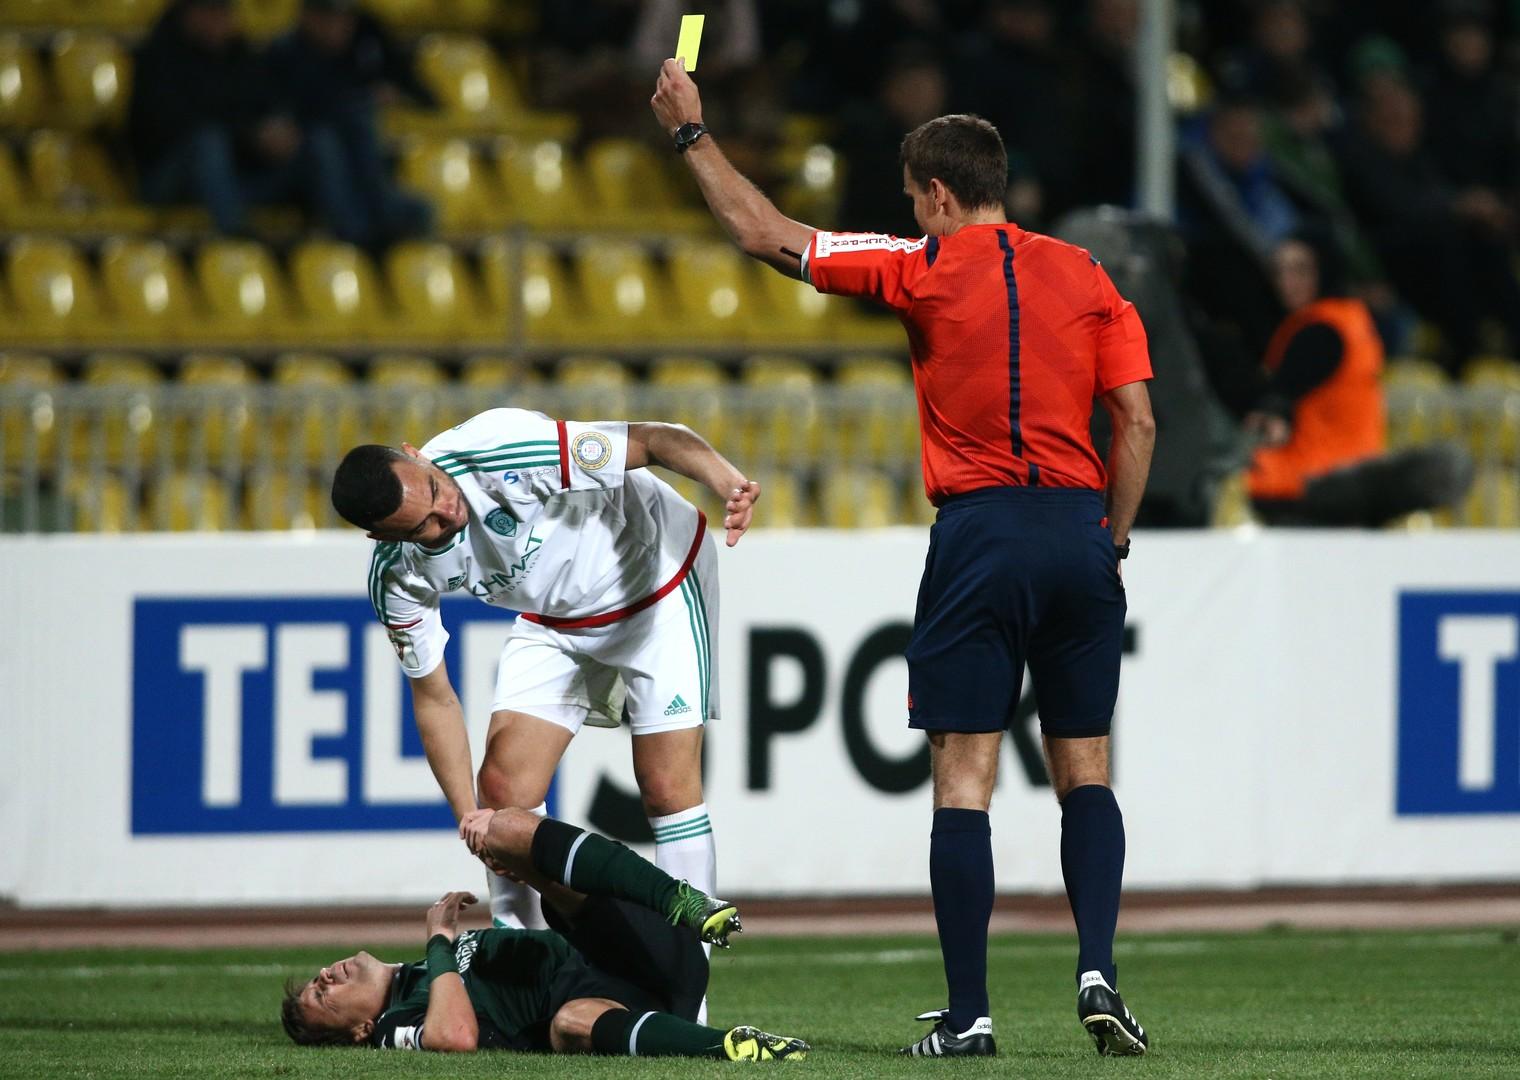 Fussball: Kommt endlich Abwechslung in die russische Premier Liga?